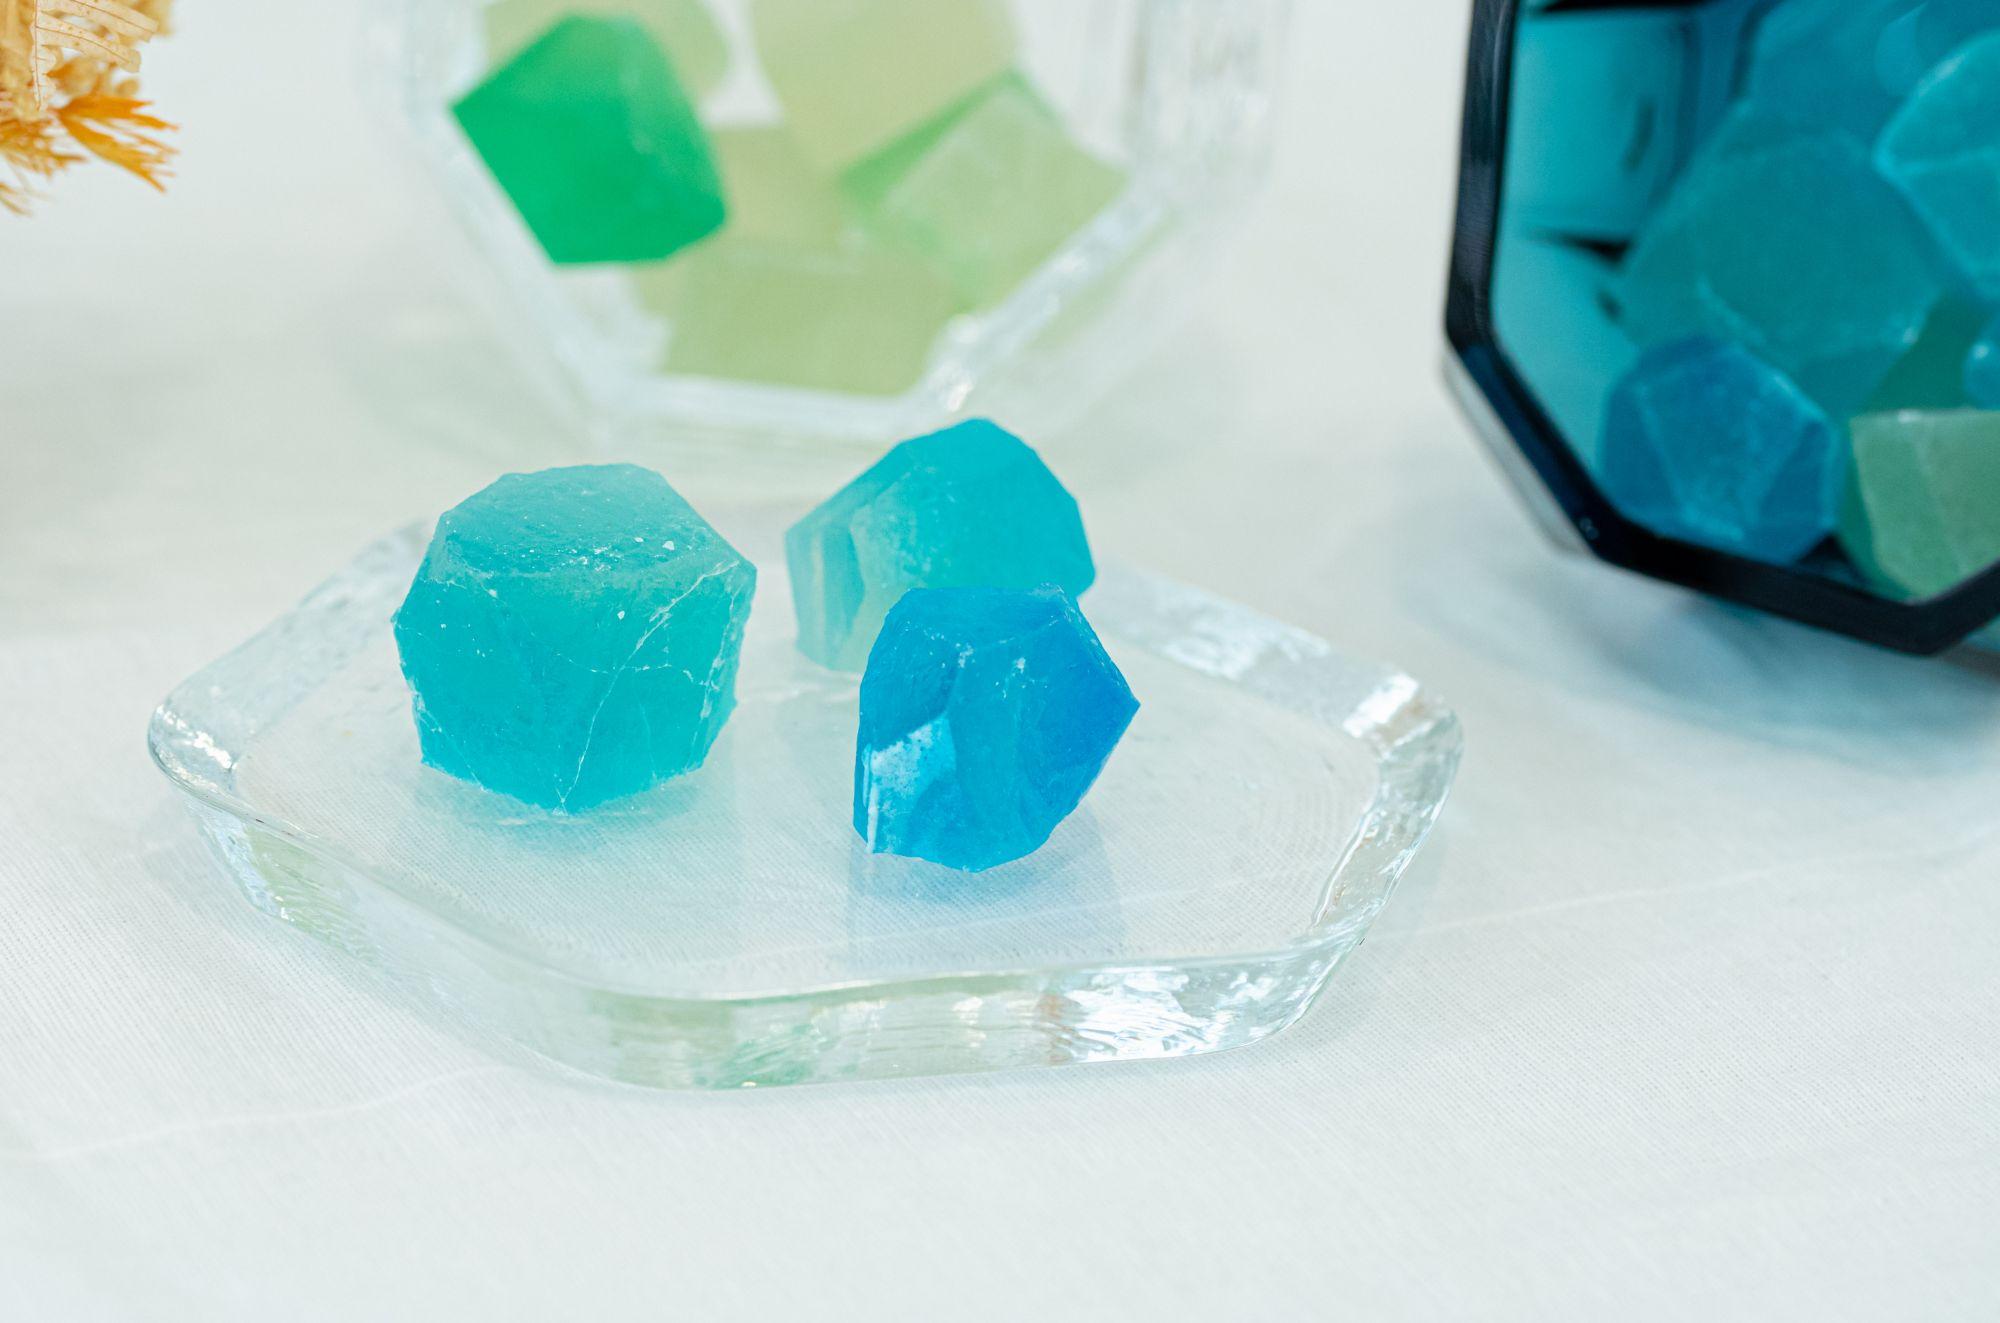 春池玻璃「玻璃自然形 GLASS IN NATURE」。(圖春池玻璃提供)